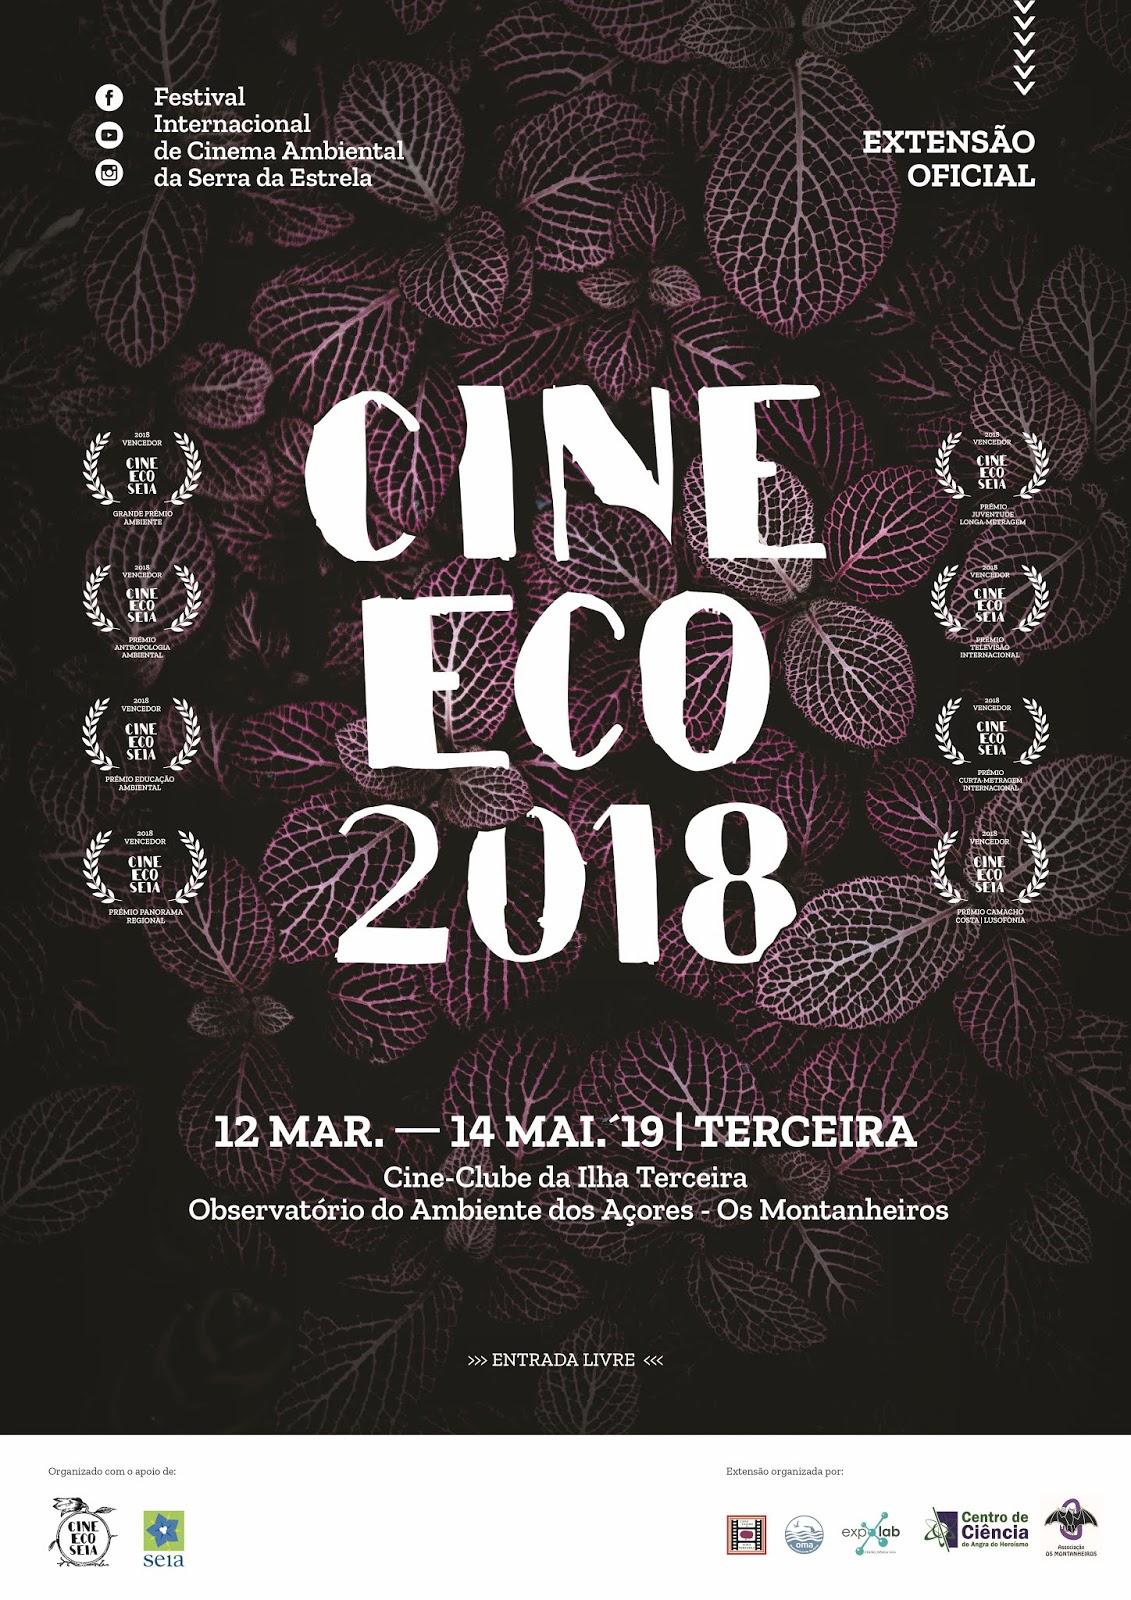 CINE ECO 2019 - Extensão Oficial da Ilha Terceira - CCA